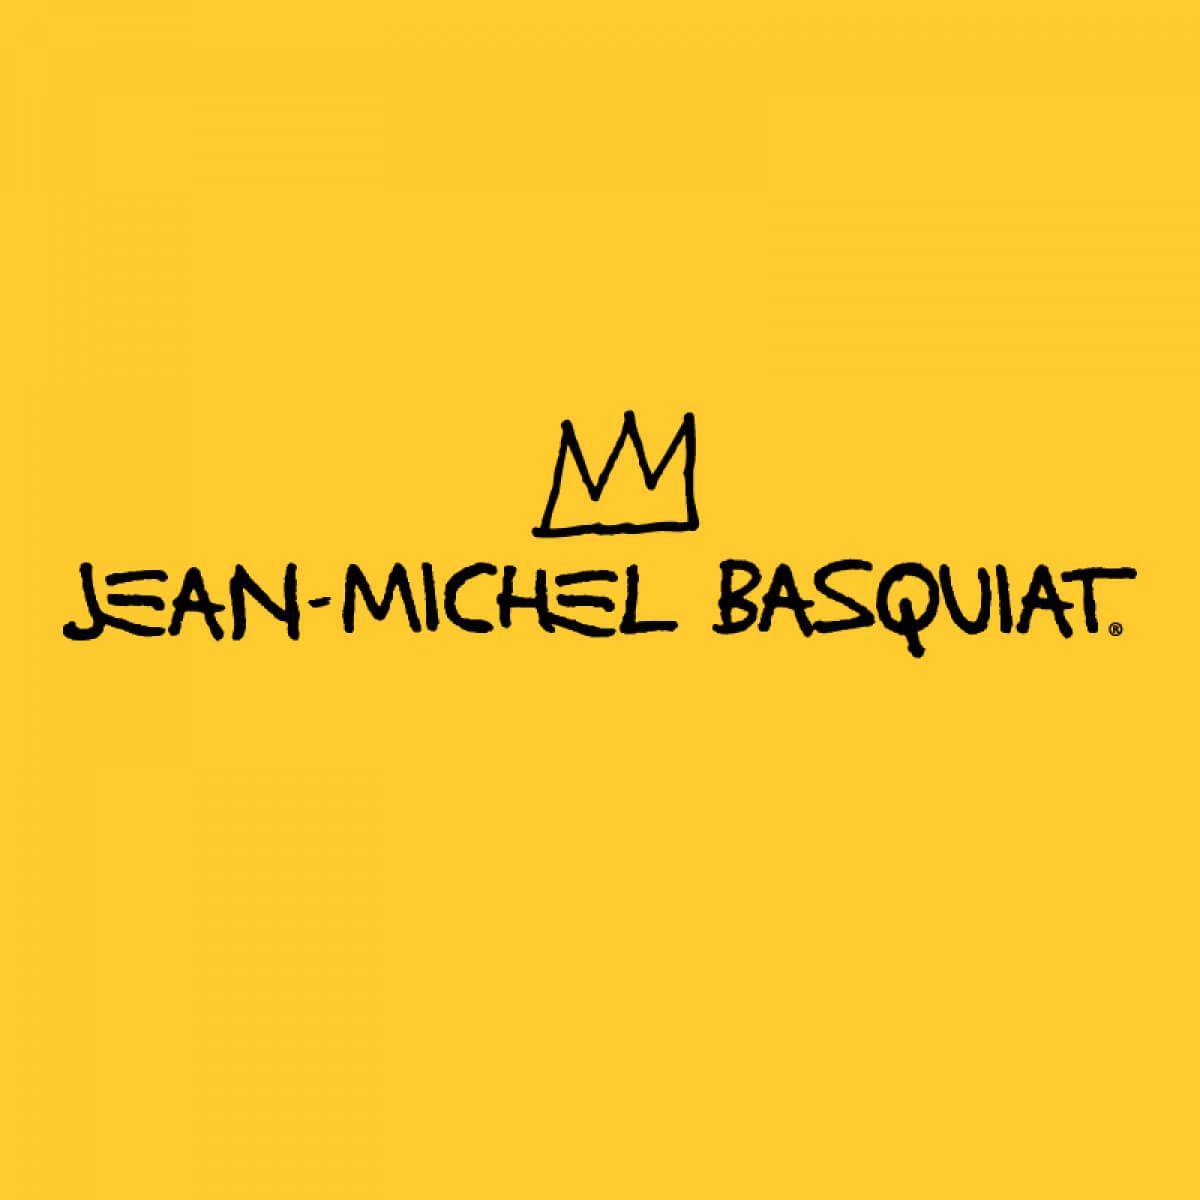 Ο Jean-Michel Basquiat ήταν ο πρώτος σπουδαίος καλλιτέχνης του δρόμου και ένας από τους πιο χαρισματικούς ζωγράφους του προηγούμενου αιώνα